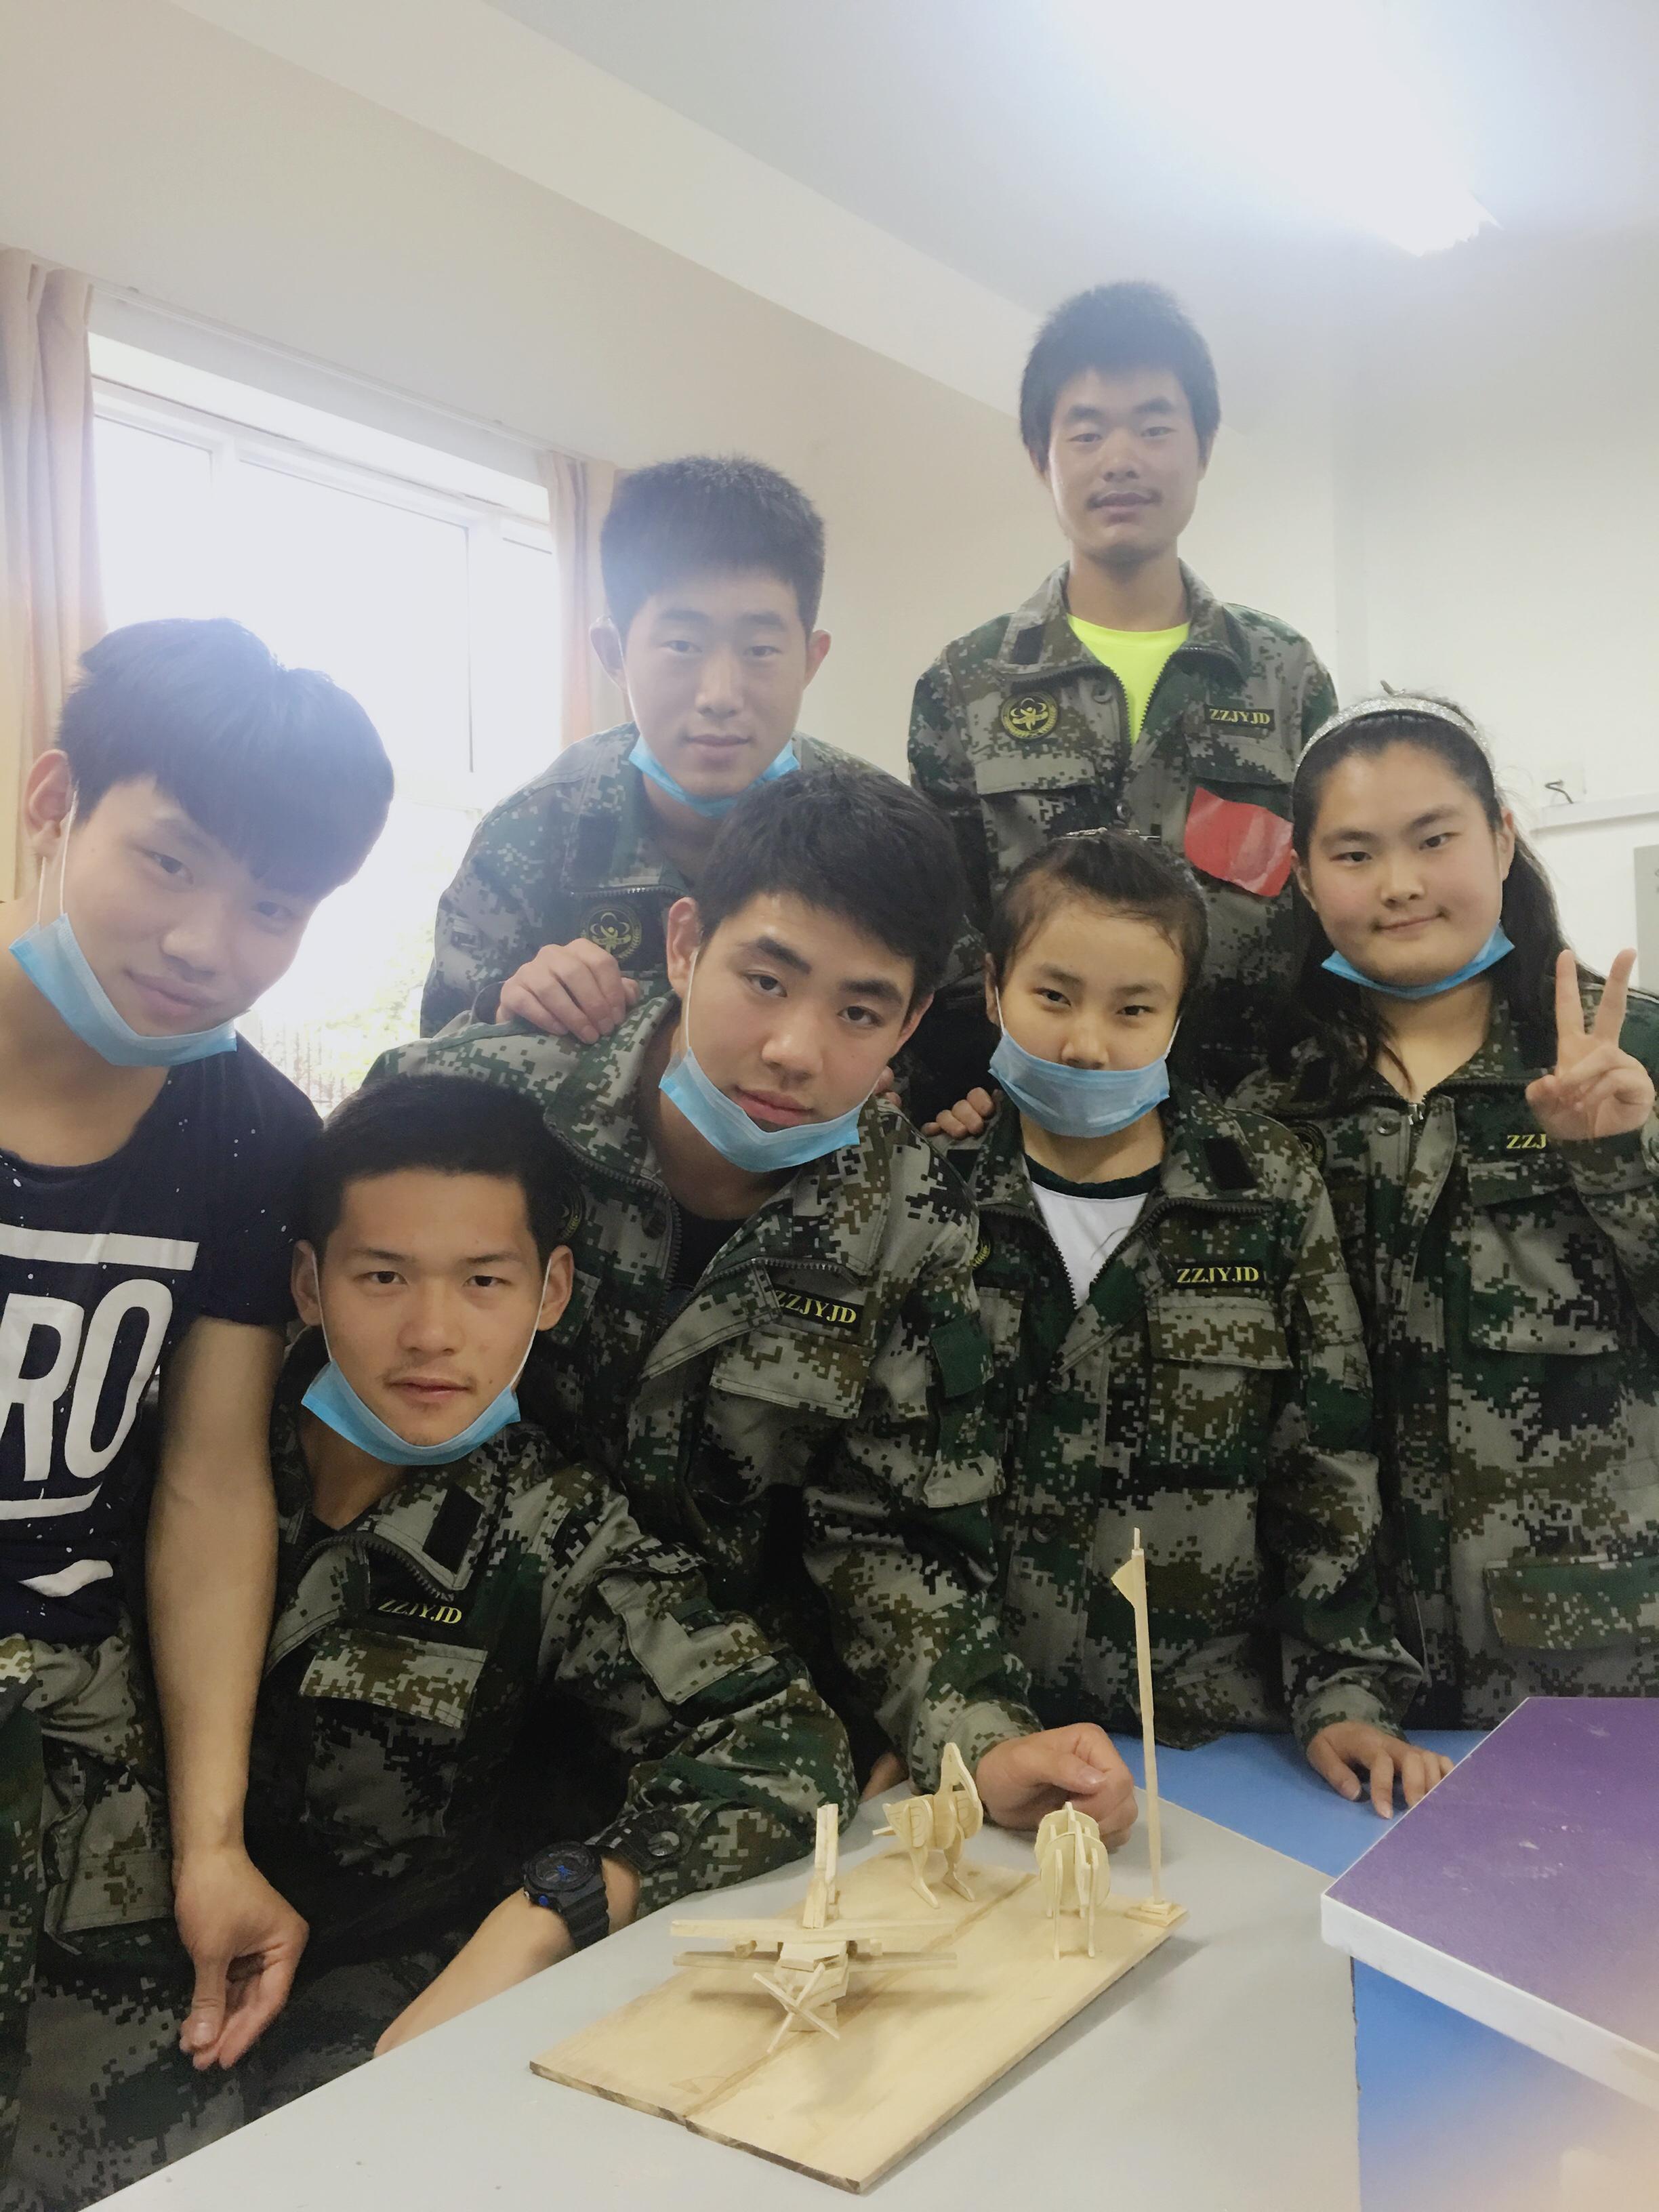 放飞梦想 让我们的青春更精彩--郑州教育信息网